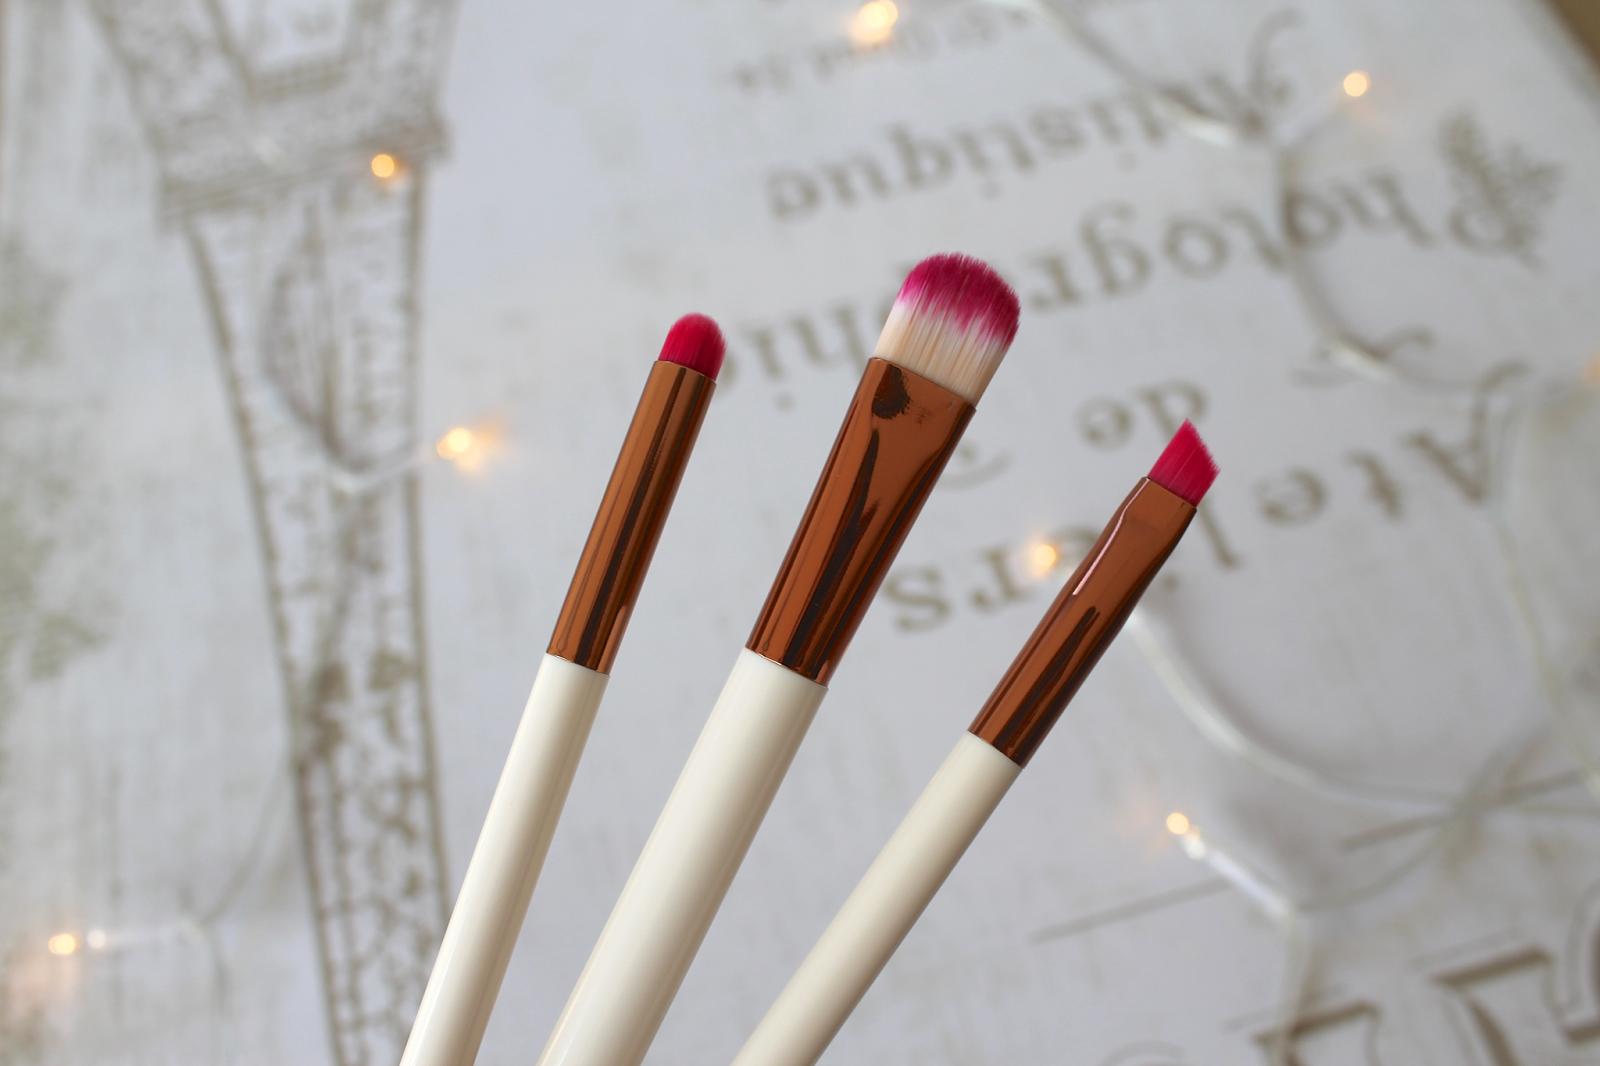 ubu makeup brushes blog review